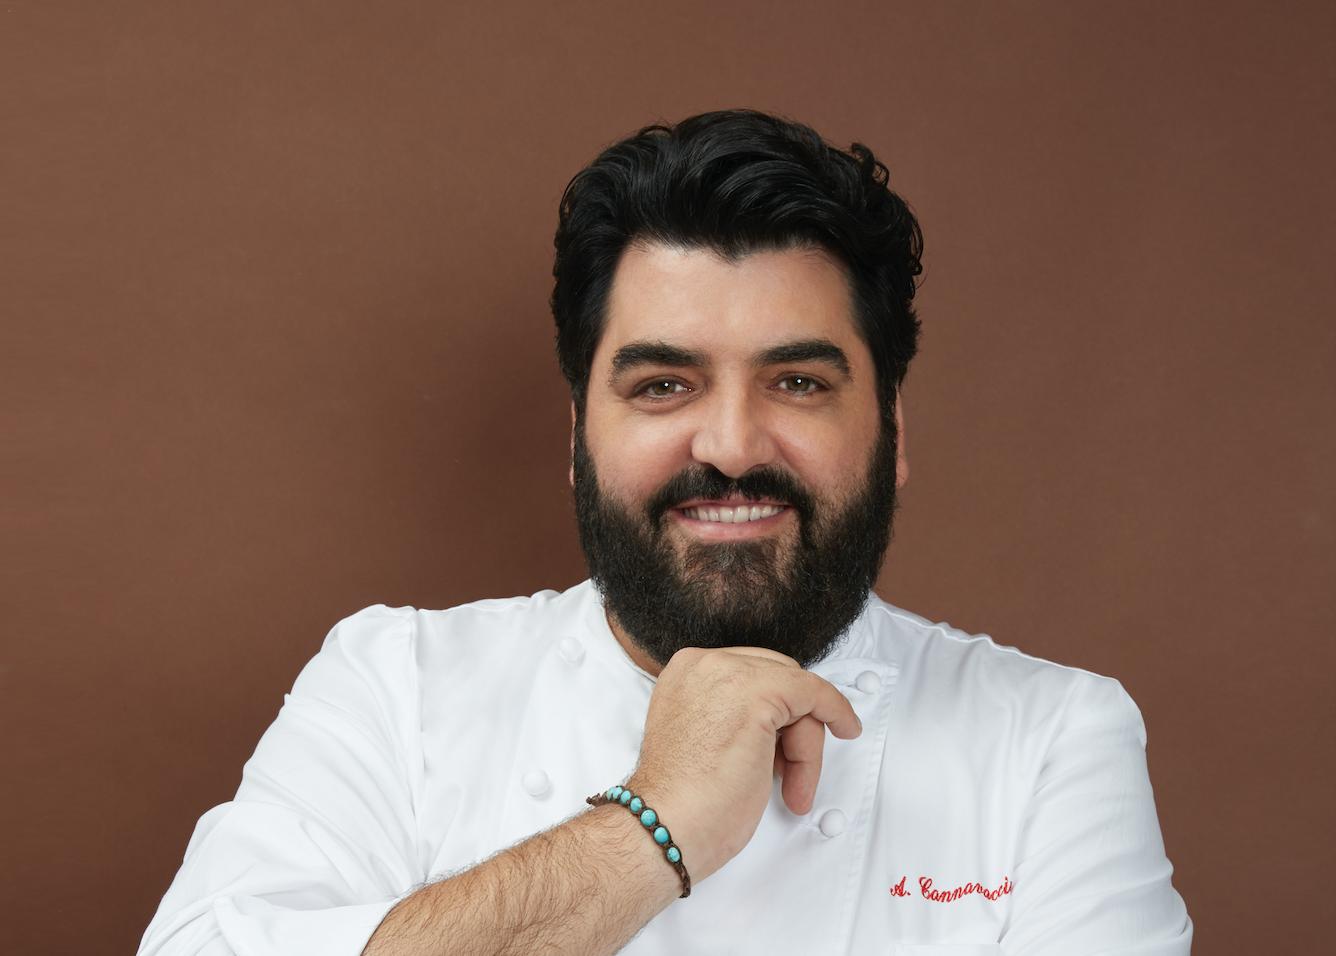 Antonino Cannavacciuolo : Apro il mio ristorante perché devo far lavorare 200 persone